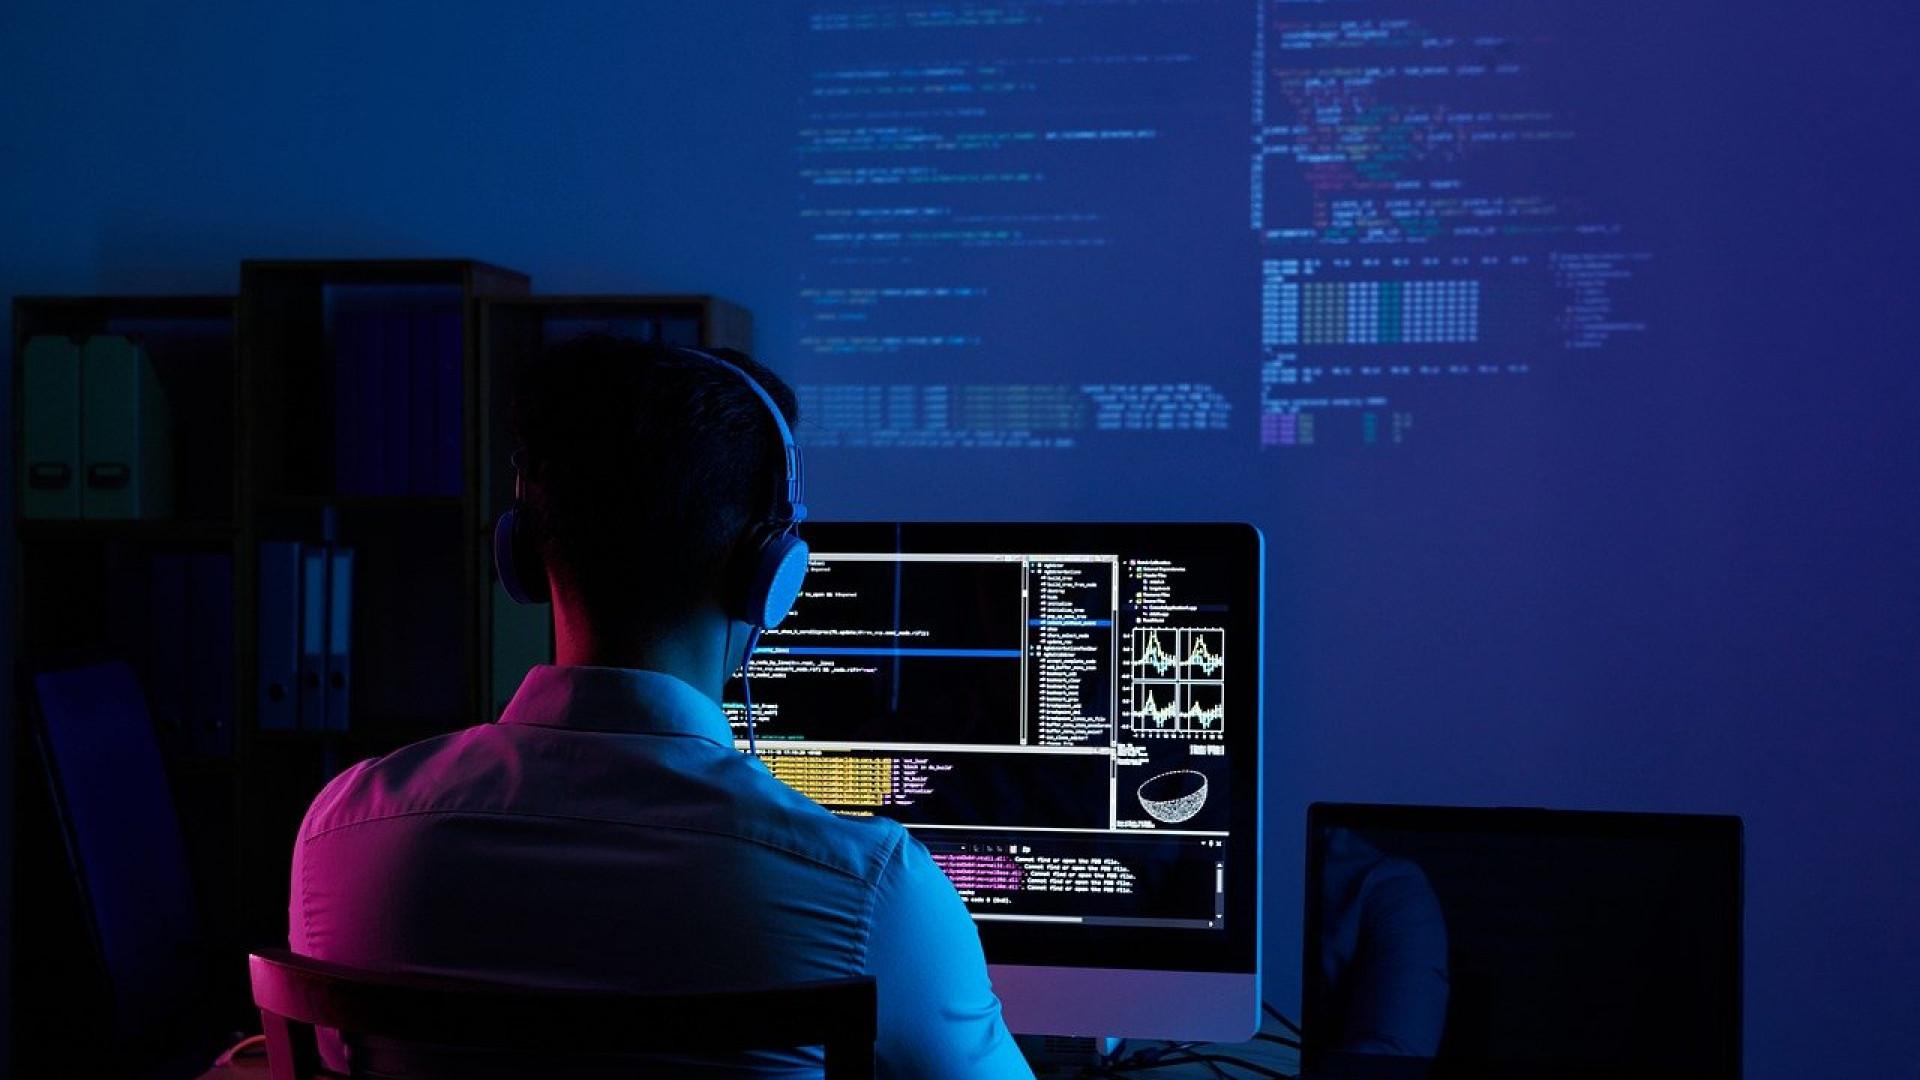 Entreprise de vente à distance : pourquoi adopter un logiciel ERP omincal ?